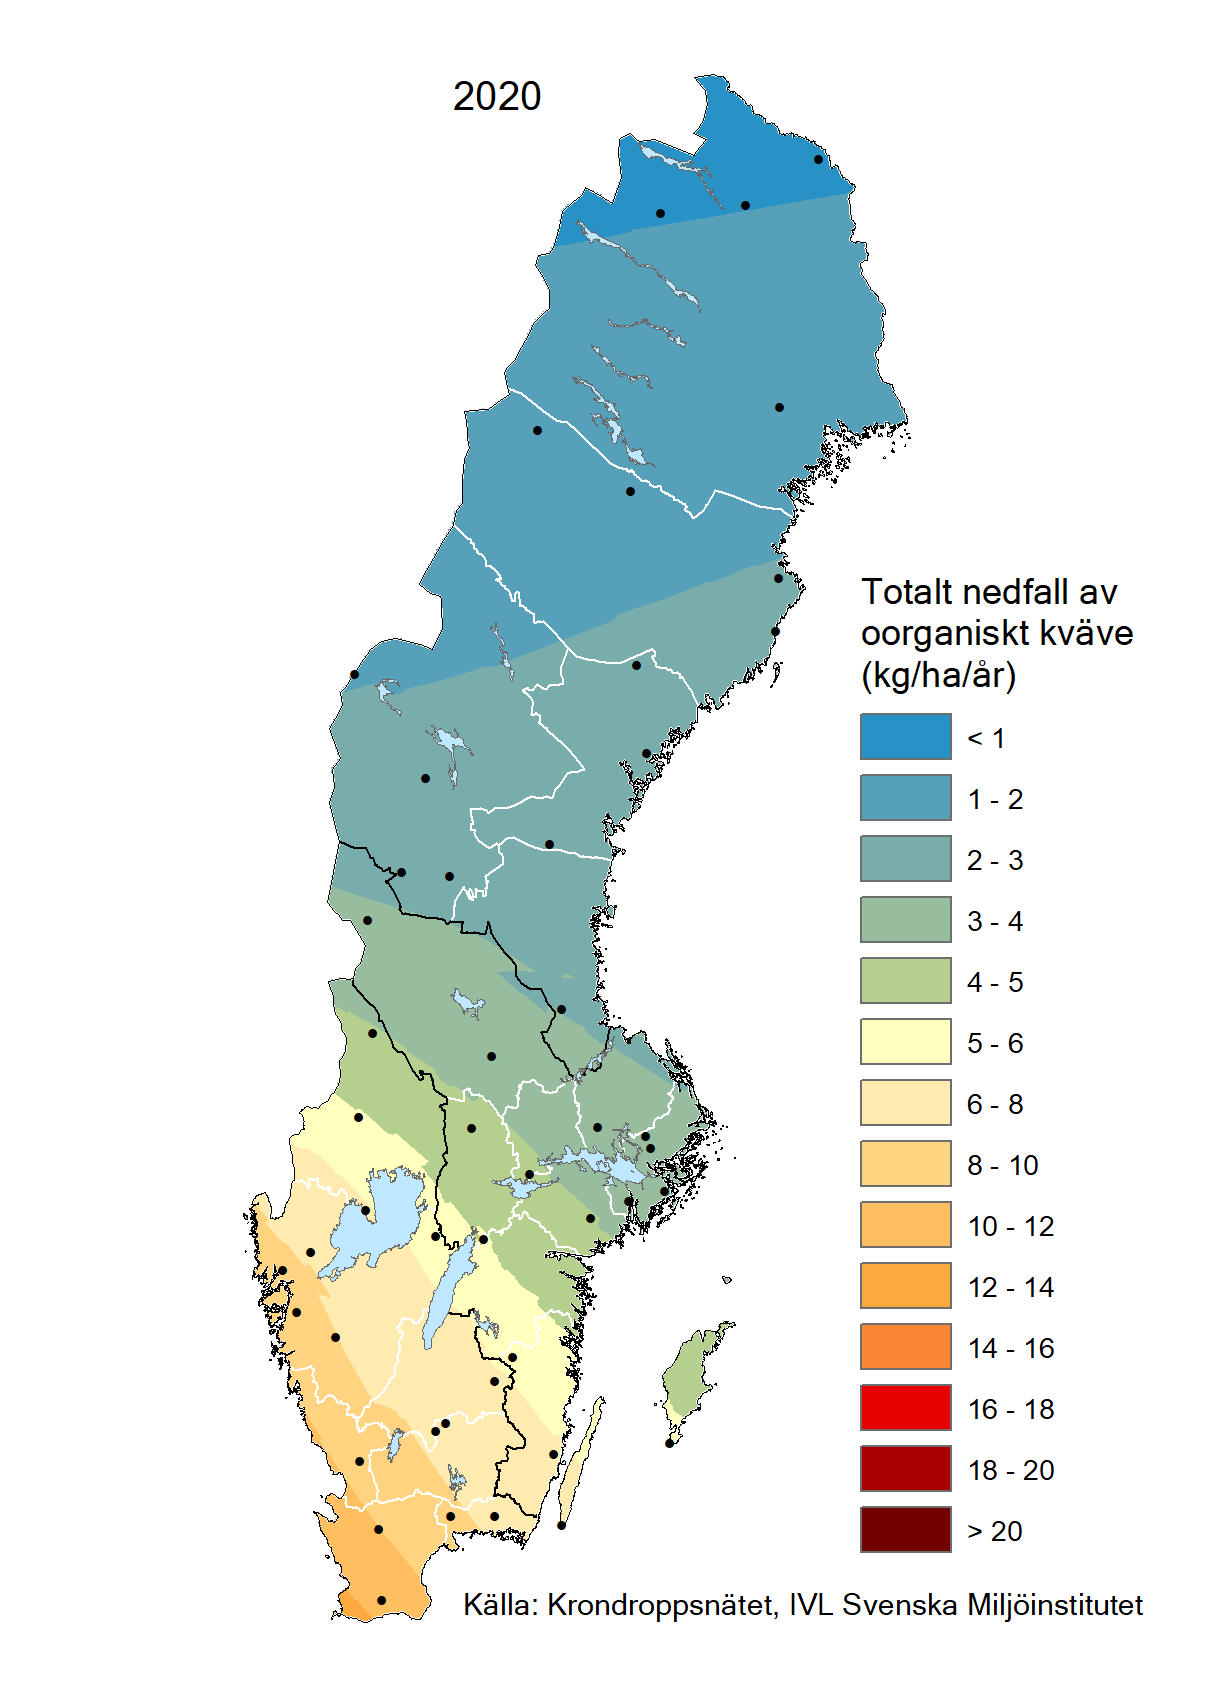 Totalt nedfall av oorganiskt kväve till barrskog 2020